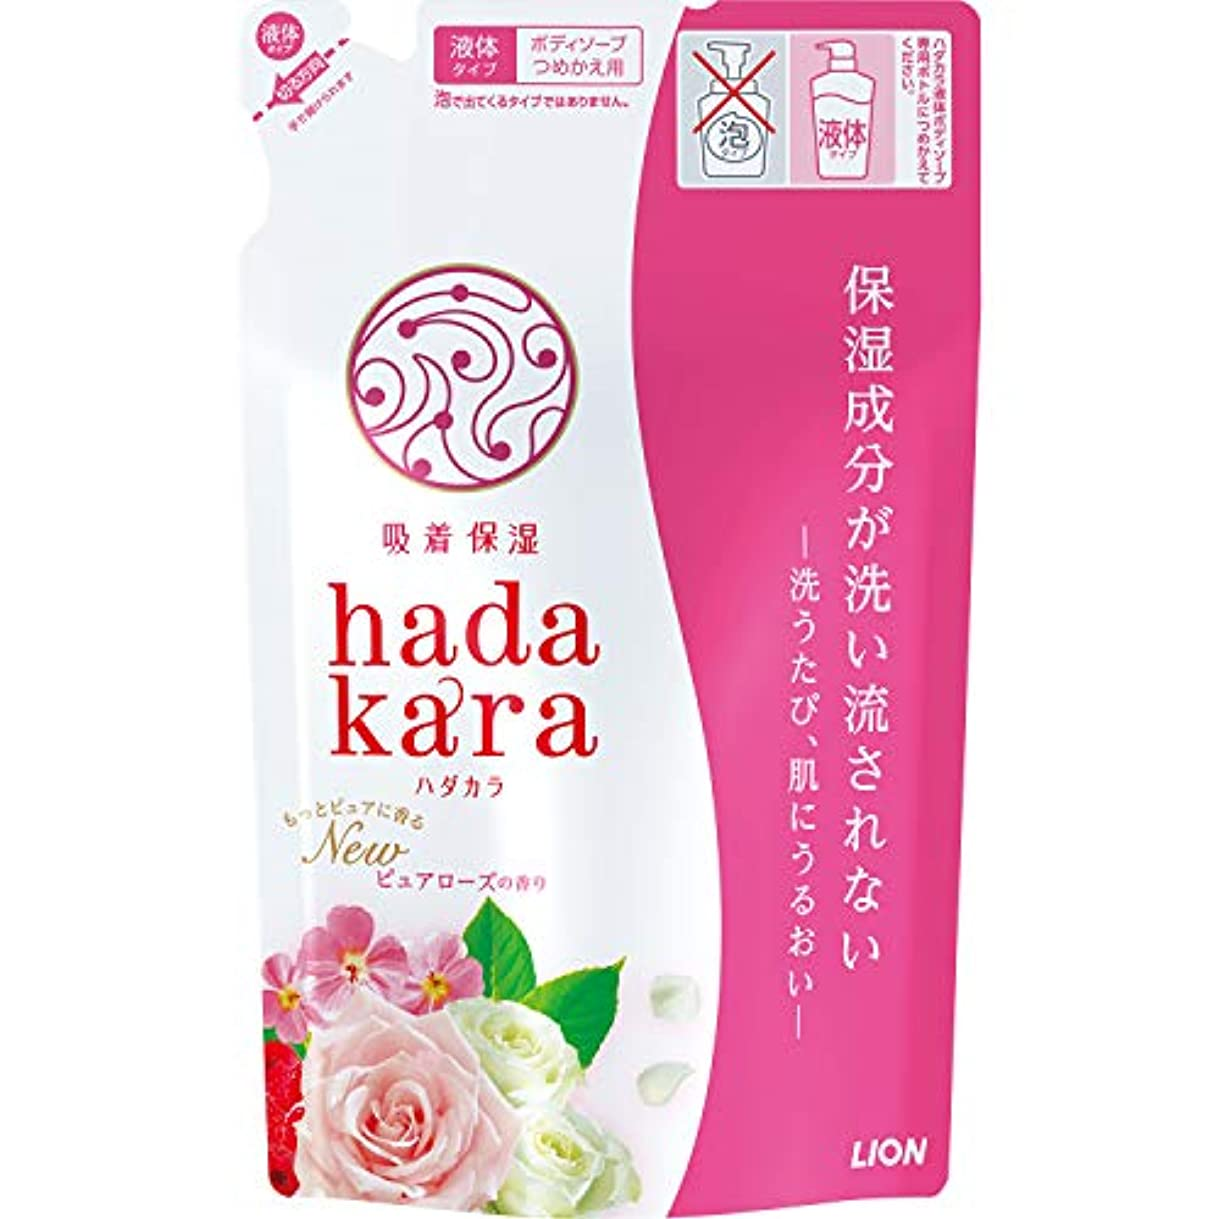 水分ポップブロックするhadakara(ハダカラ) ボディソープ ピュアローズの香り 詰め替え 360ml